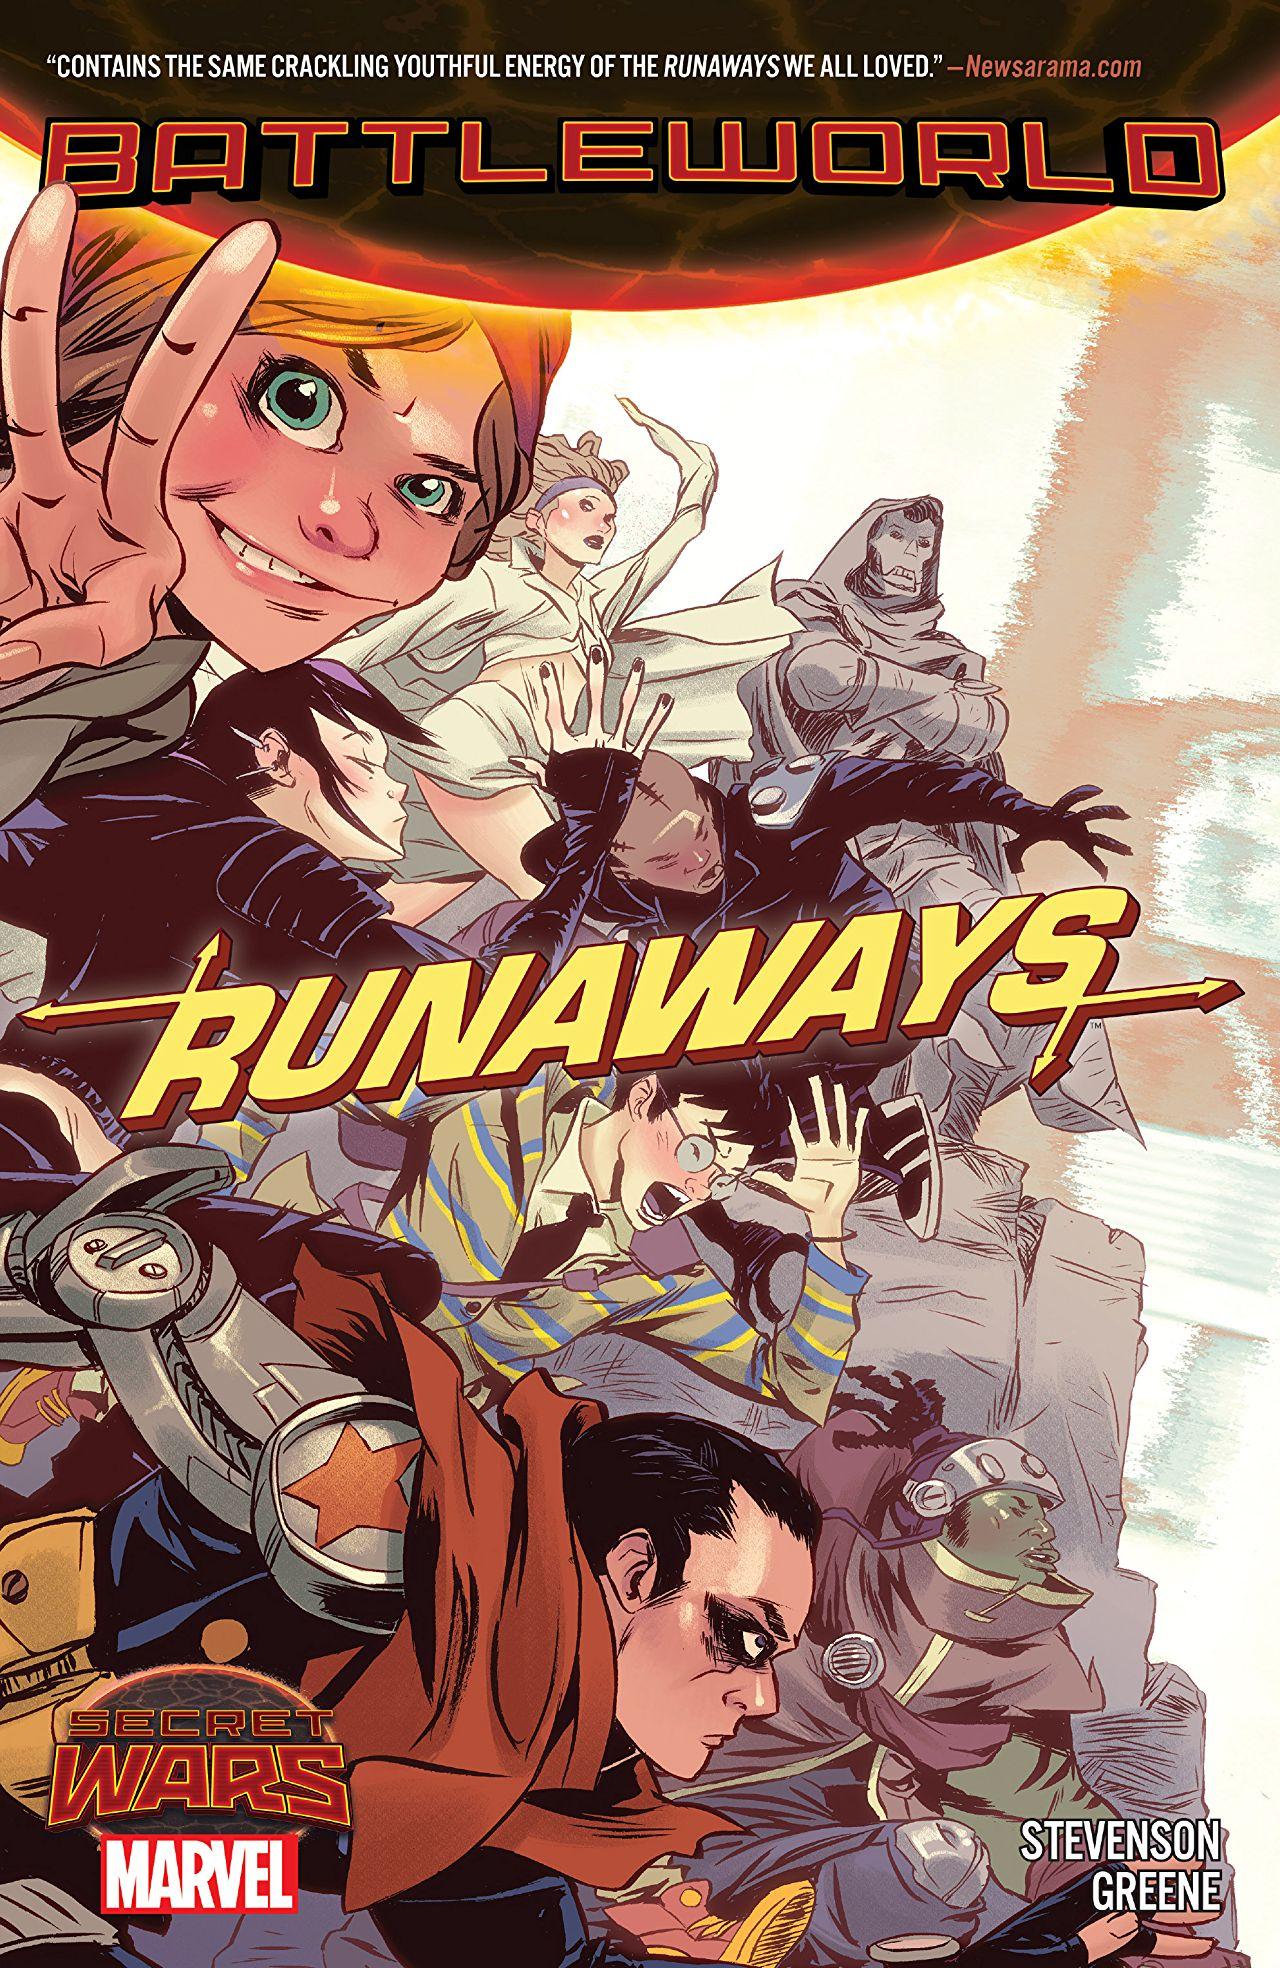 Runaways: Battleworld